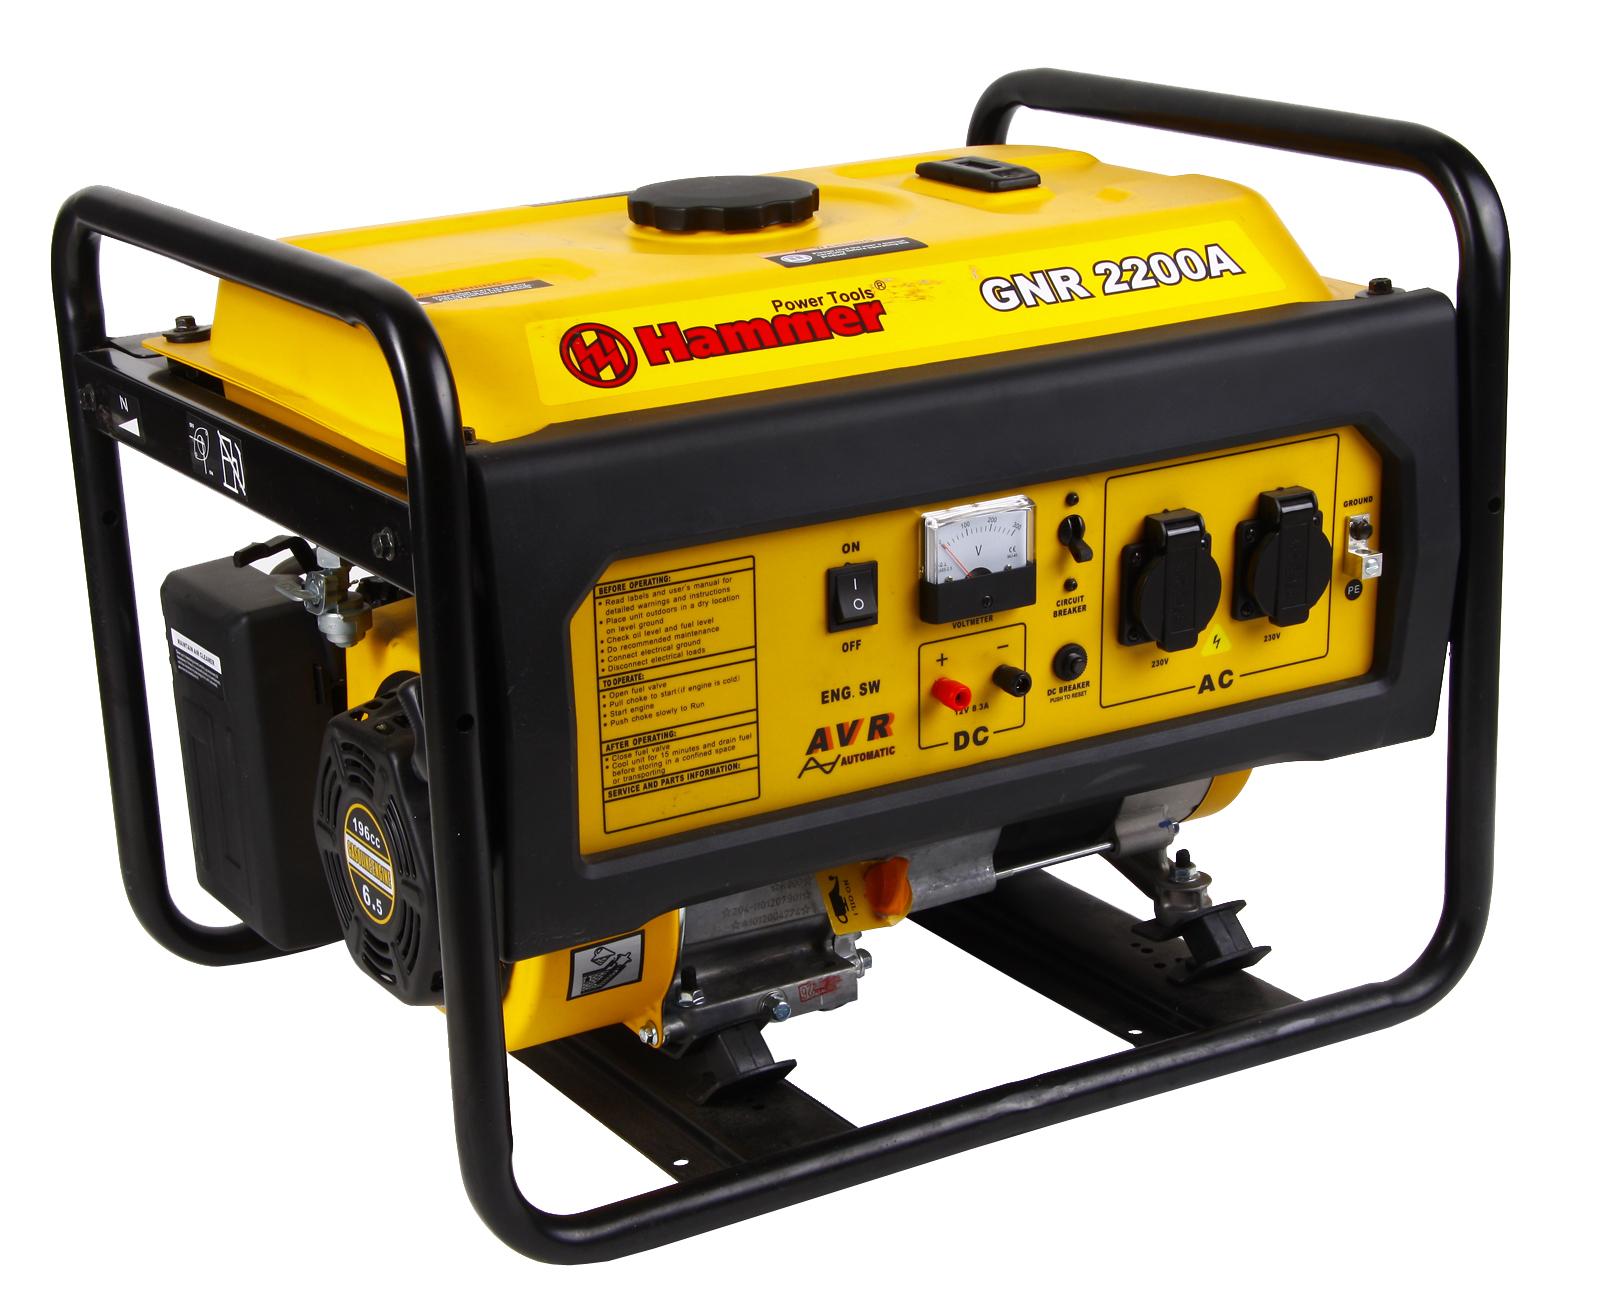 Бензиновый генератор Hammer Gnr2200 А бензиновый